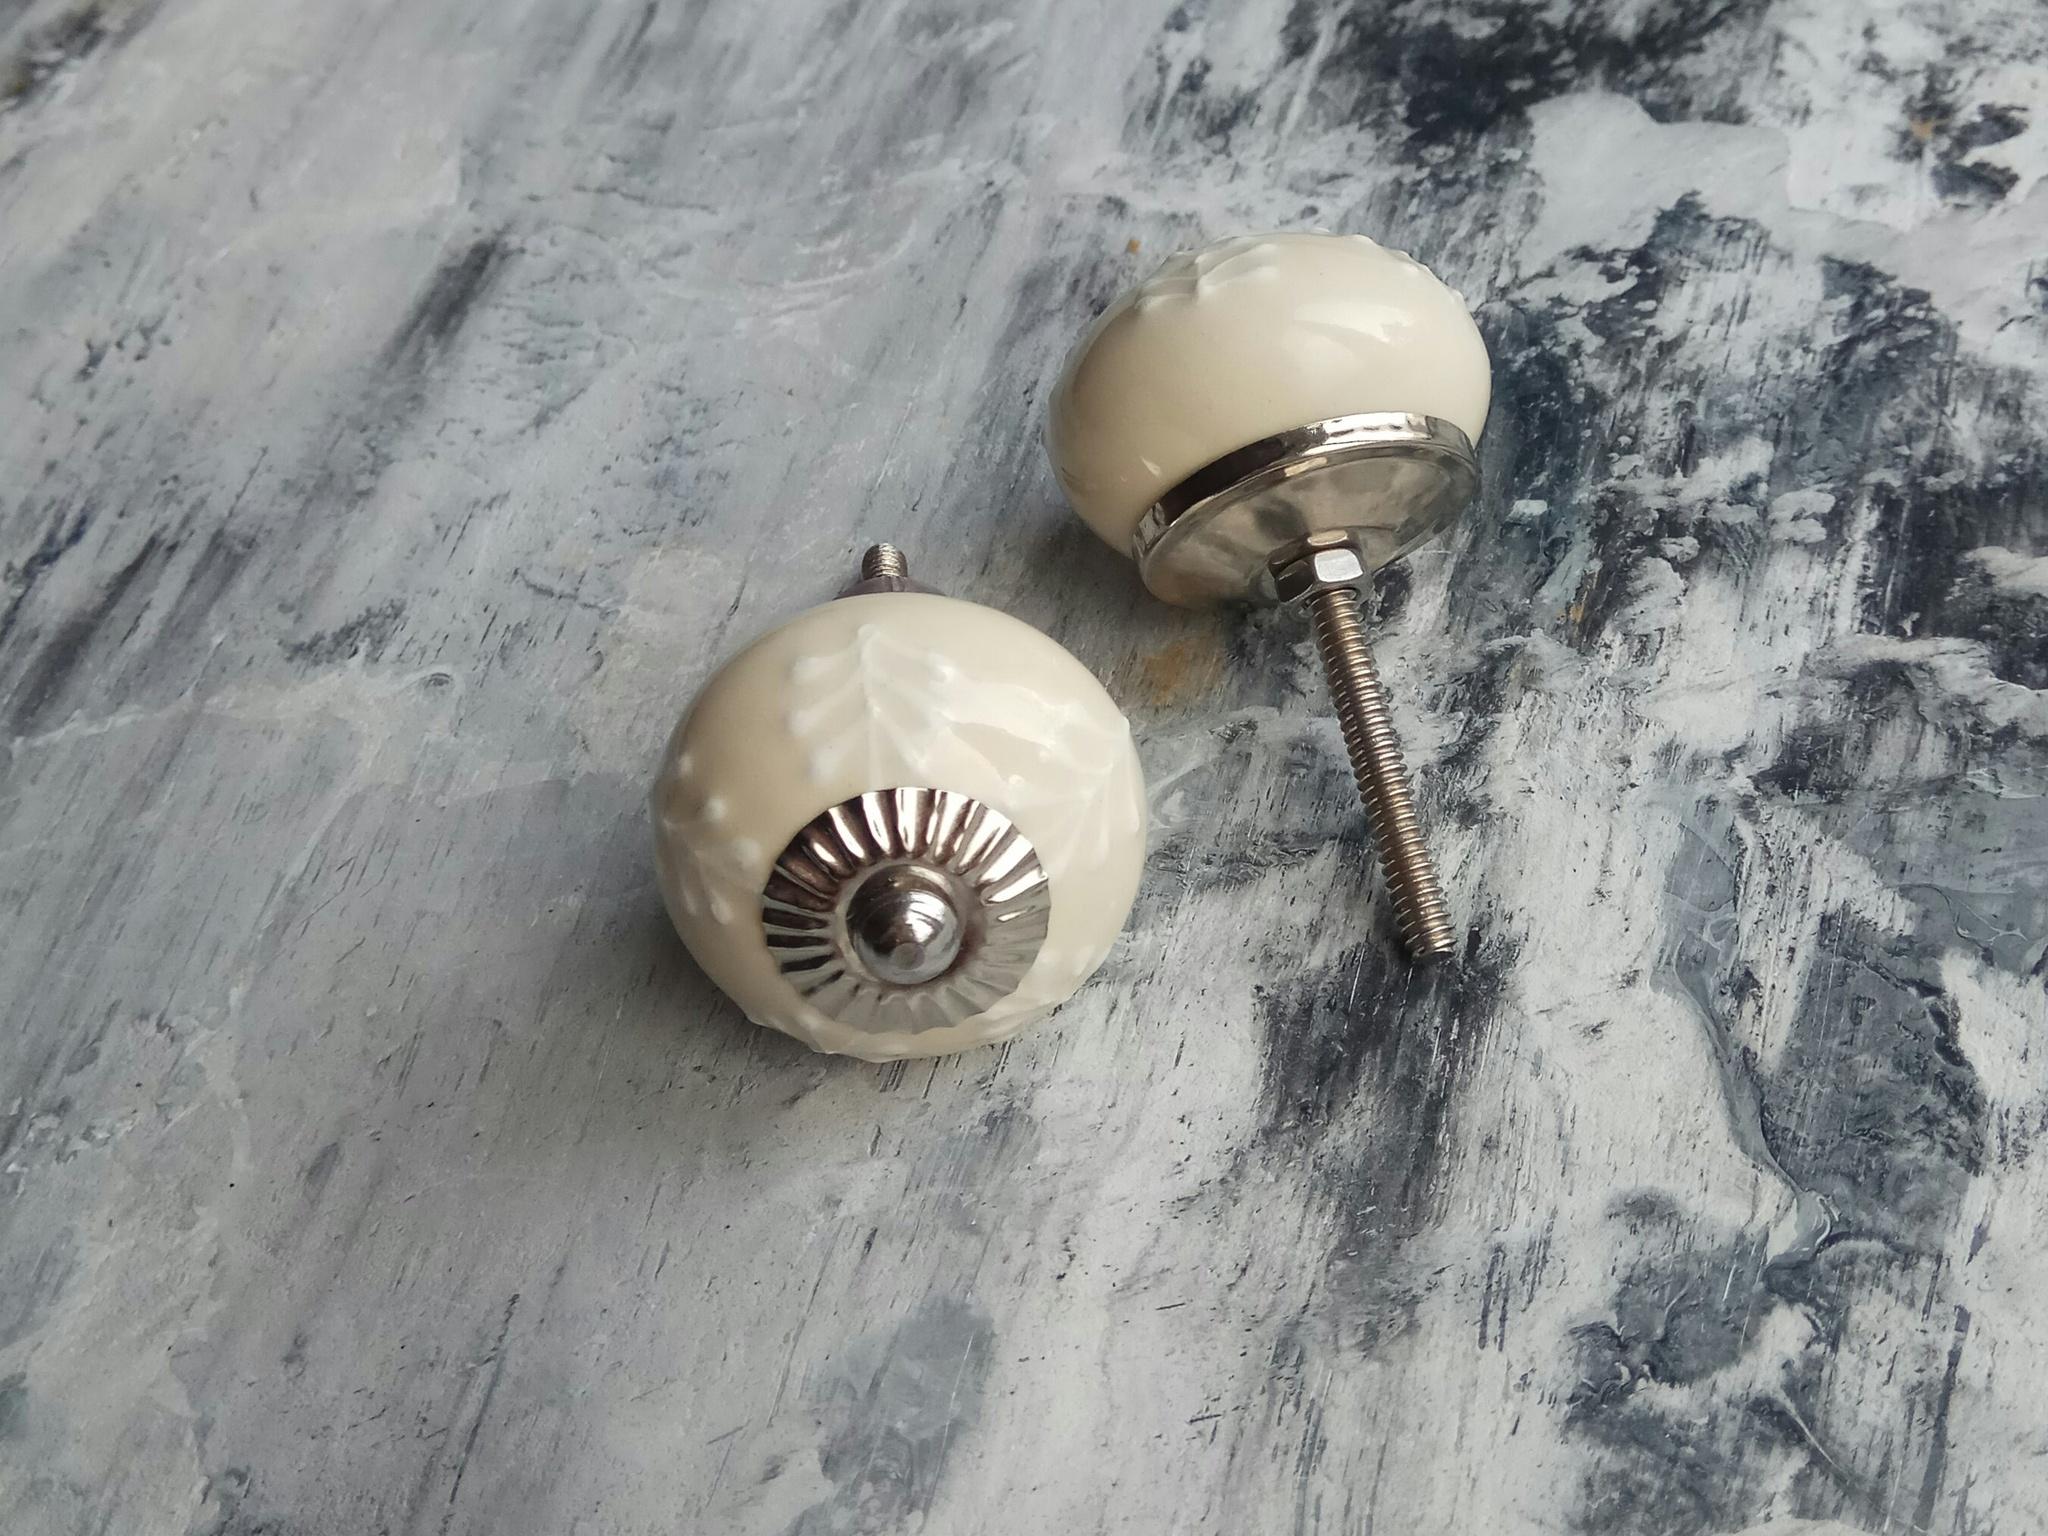 Ручка мебельная керамическая  - кремовая с белым объемным узором, арт. 00001018